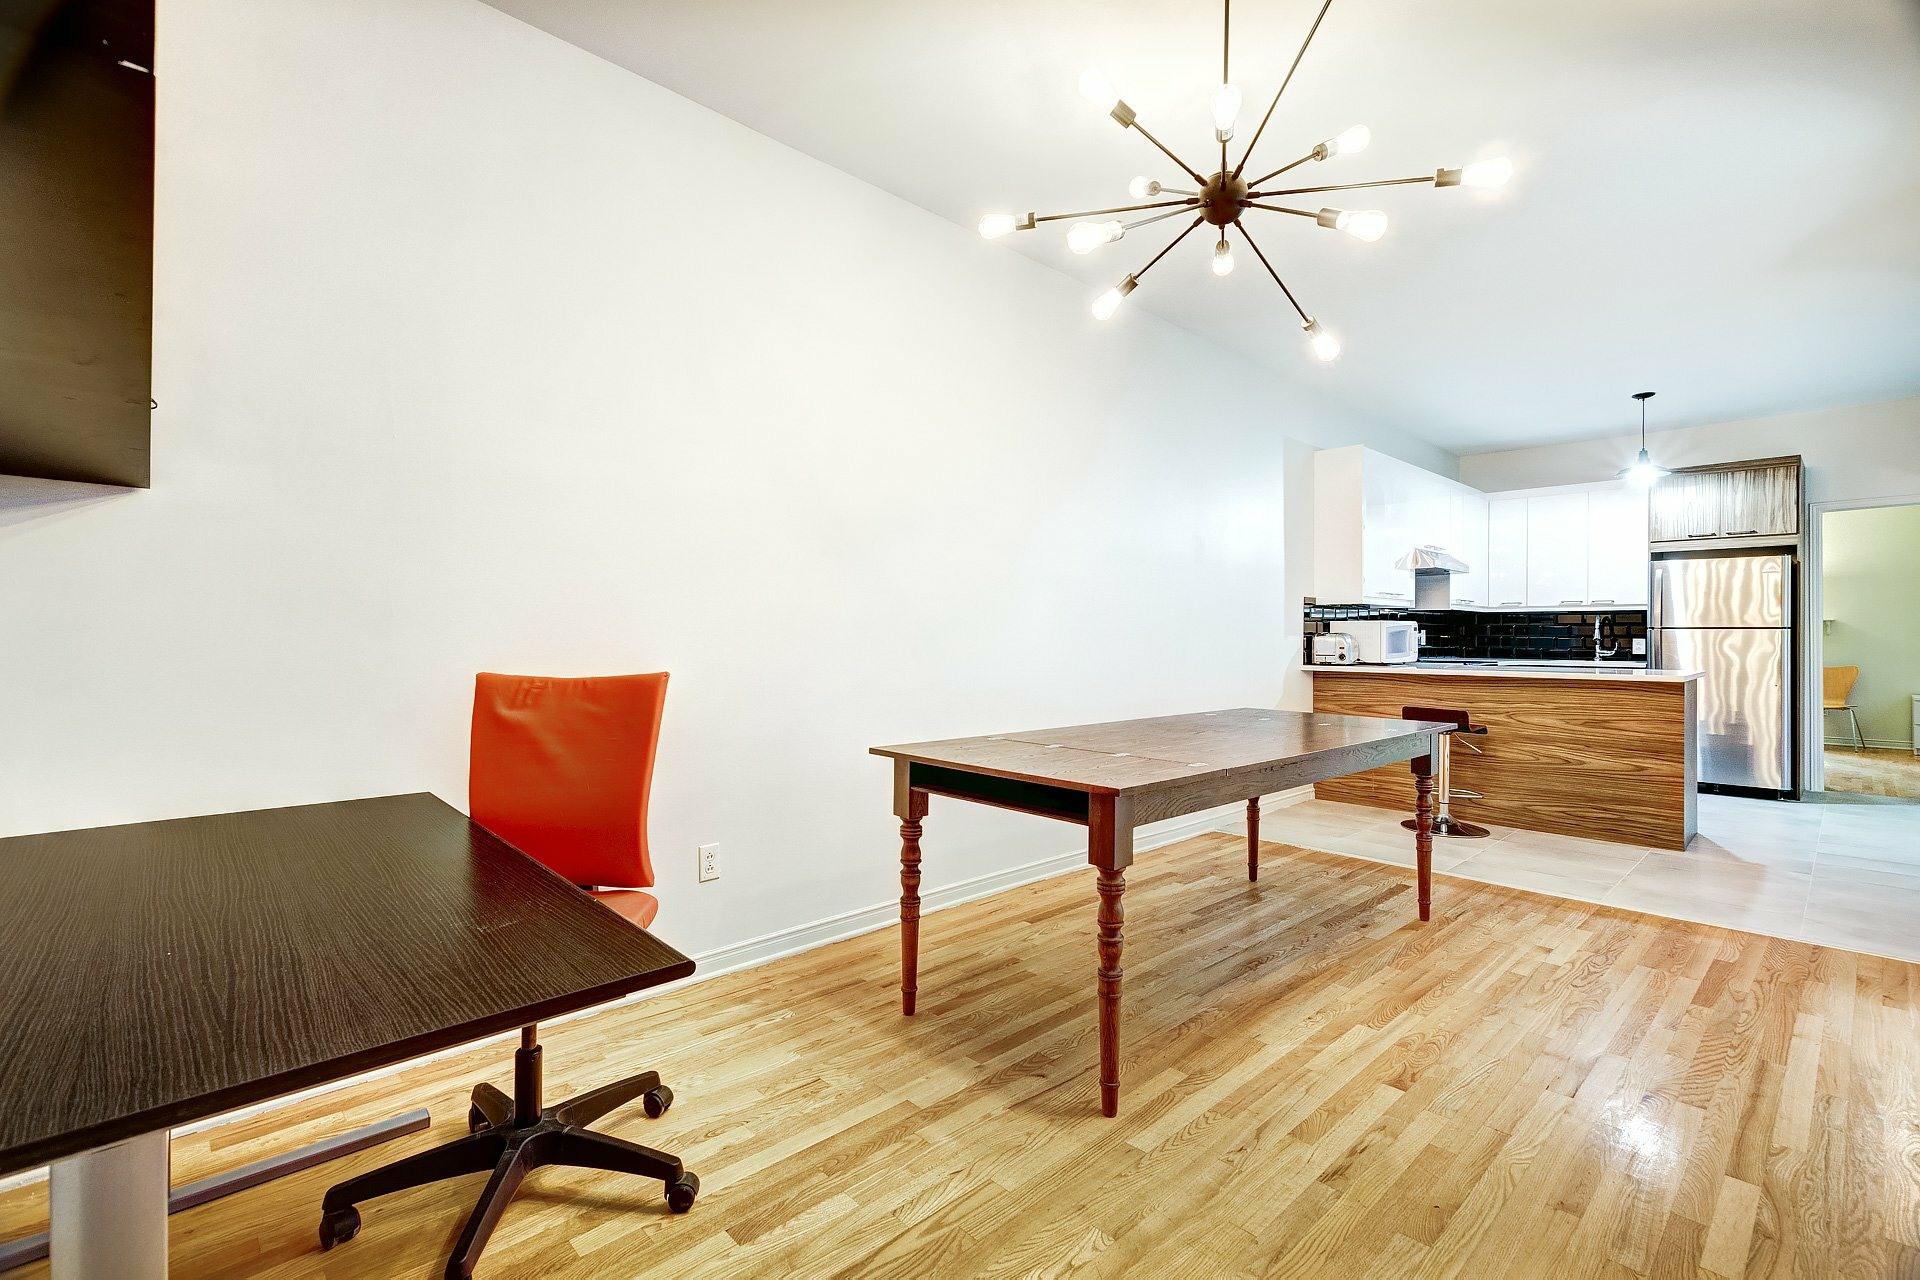 image 4 - Appartement À louer Outremont Montréal  - 5 pièces